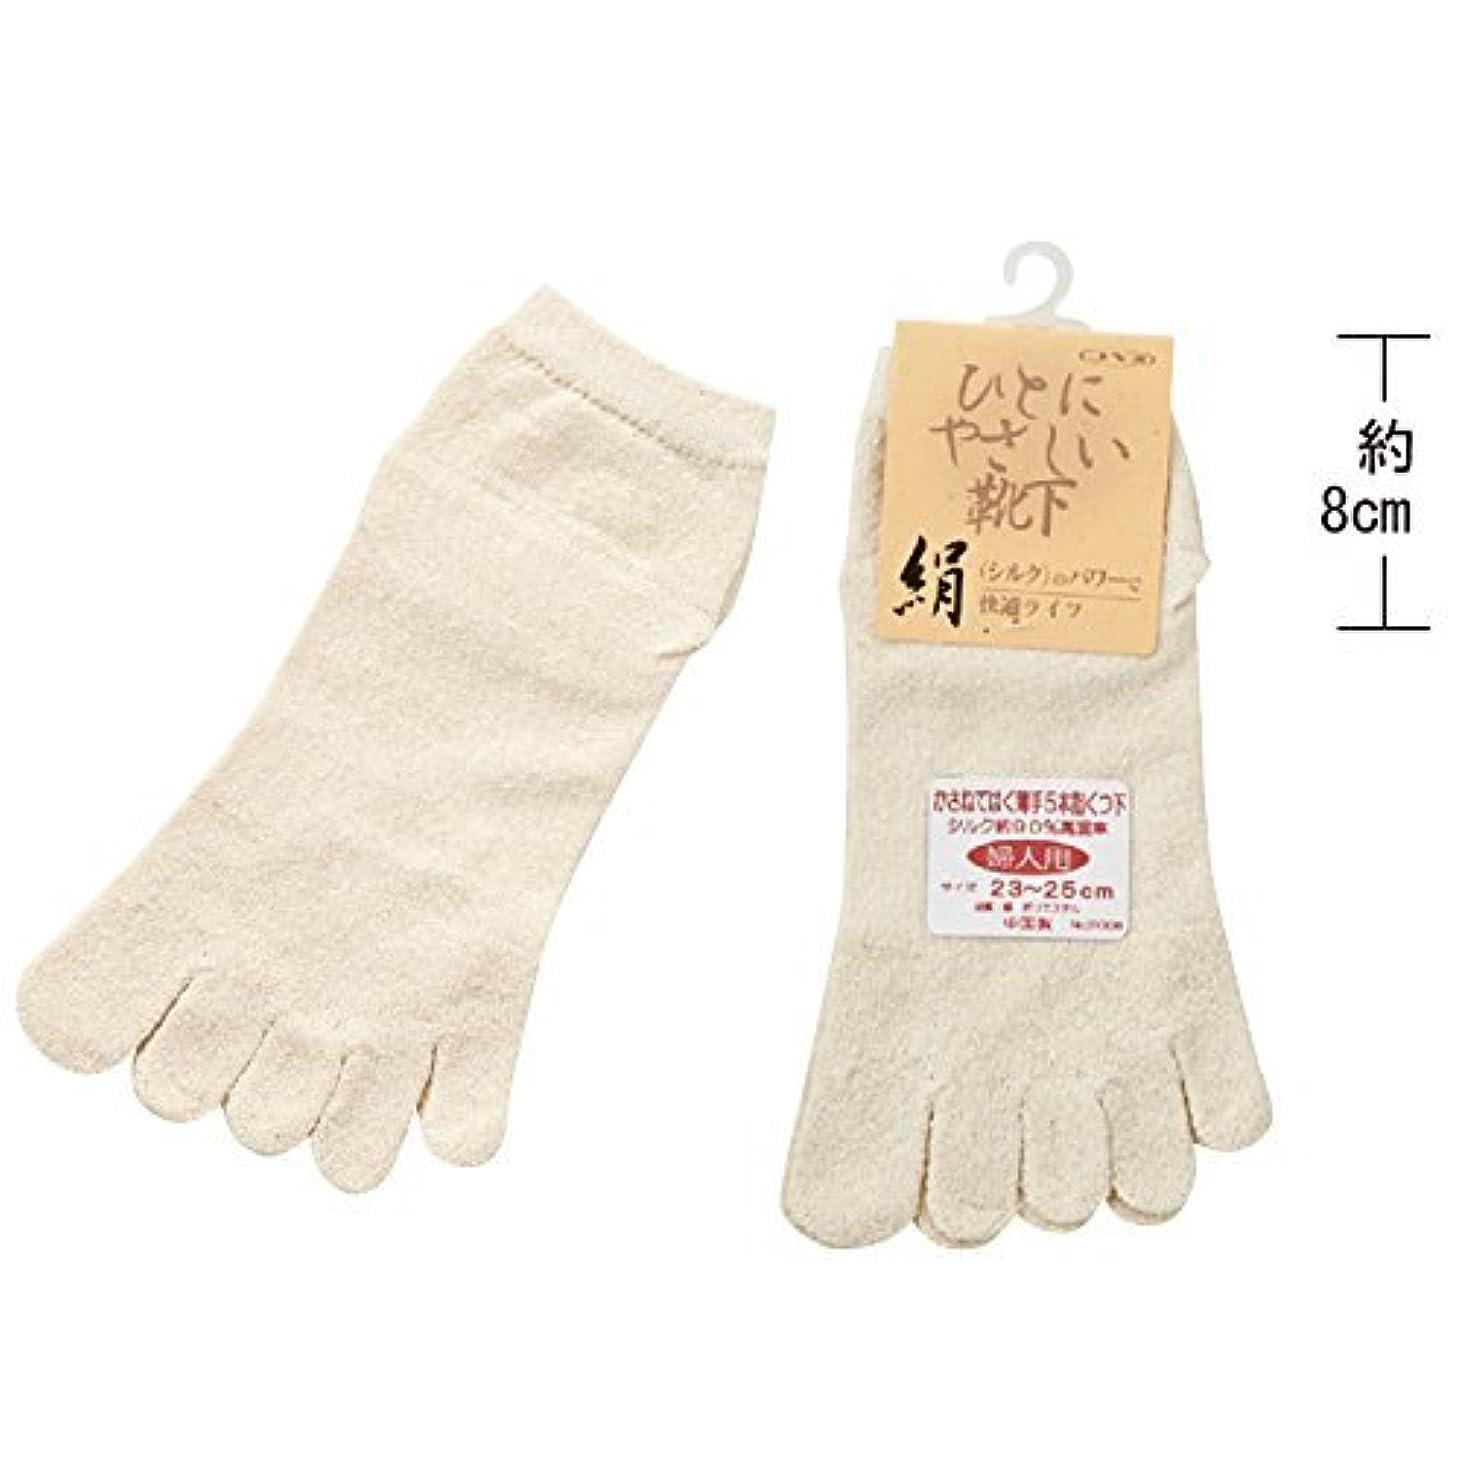 成果アグネスグレイスペイン語コベス 婦人シルクかさねてはく薄手5本指くつ下